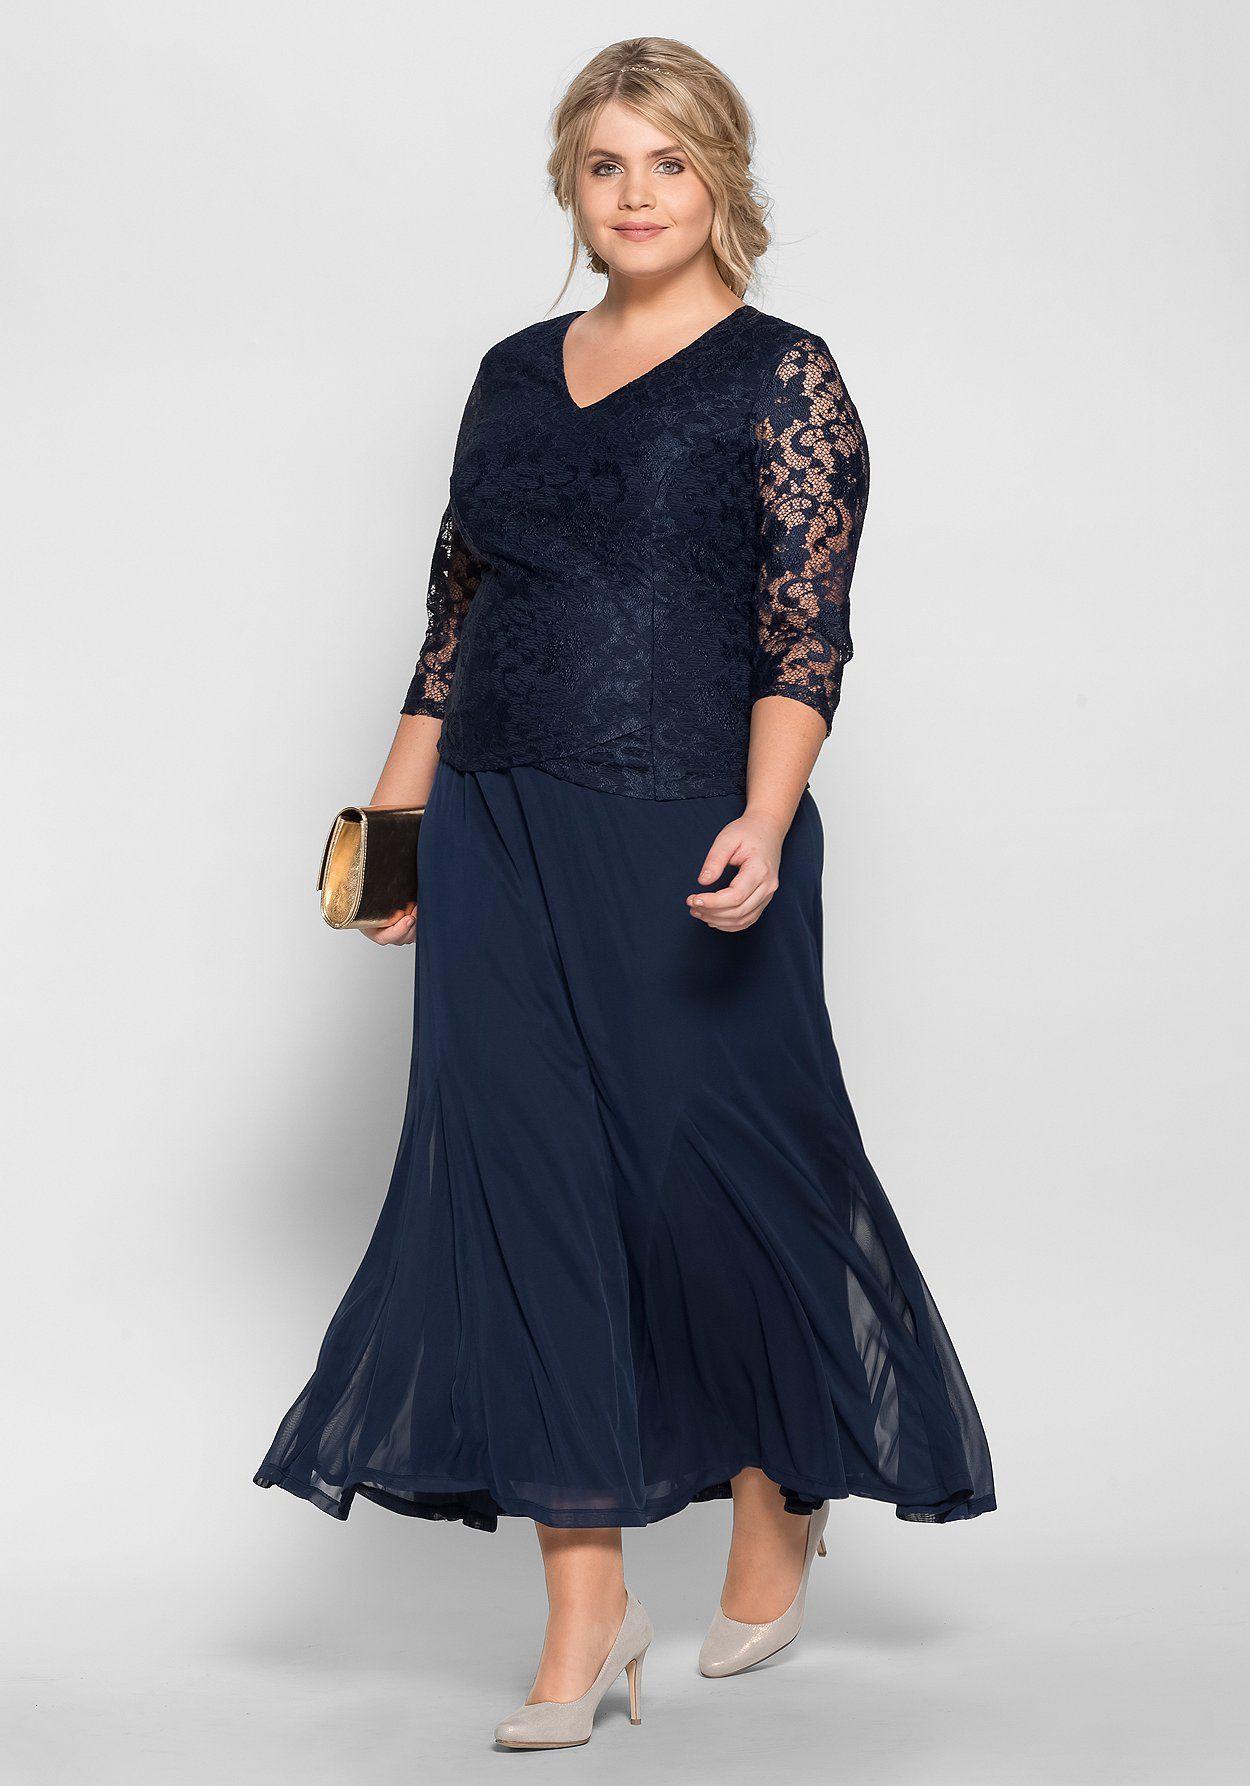 17 Einfach Abendkleider Xxl Online Bestellen Stylish13 Leicht Abendkleider Xxl Online Bestellen Vertrieb